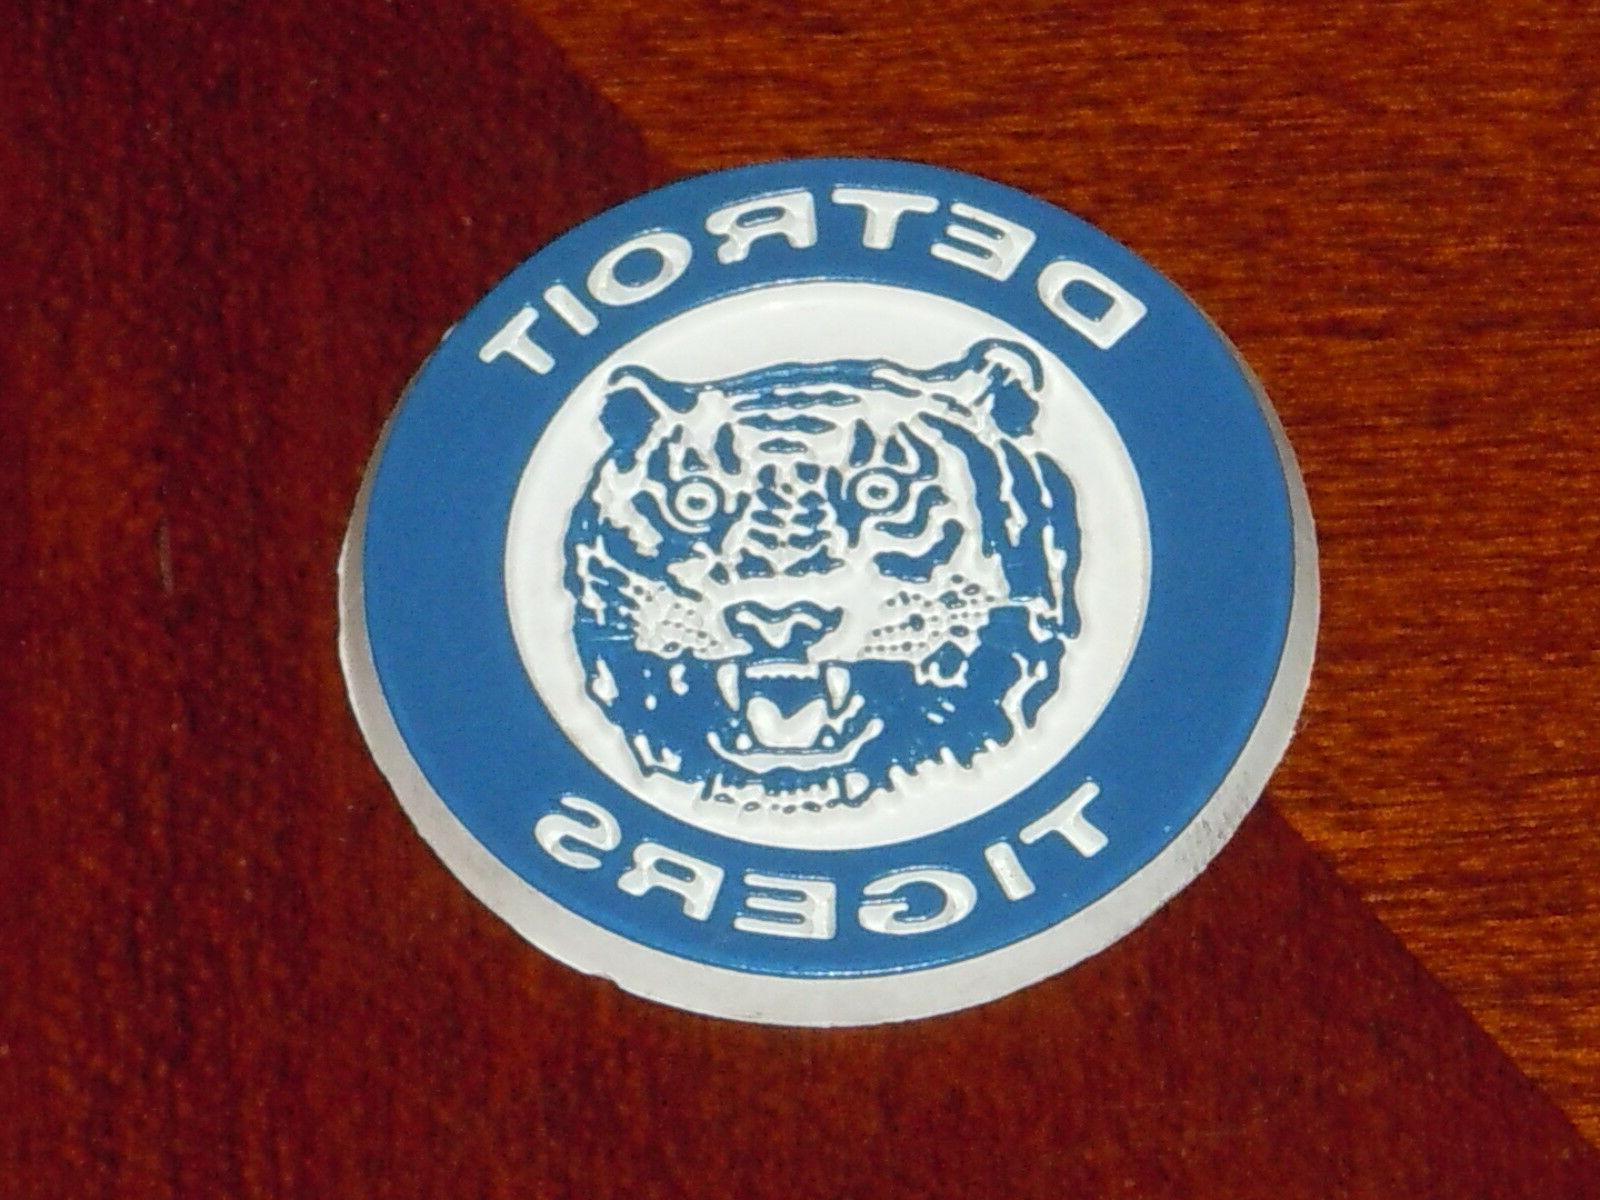 detroit tigers vintage old mlb rubber baseball